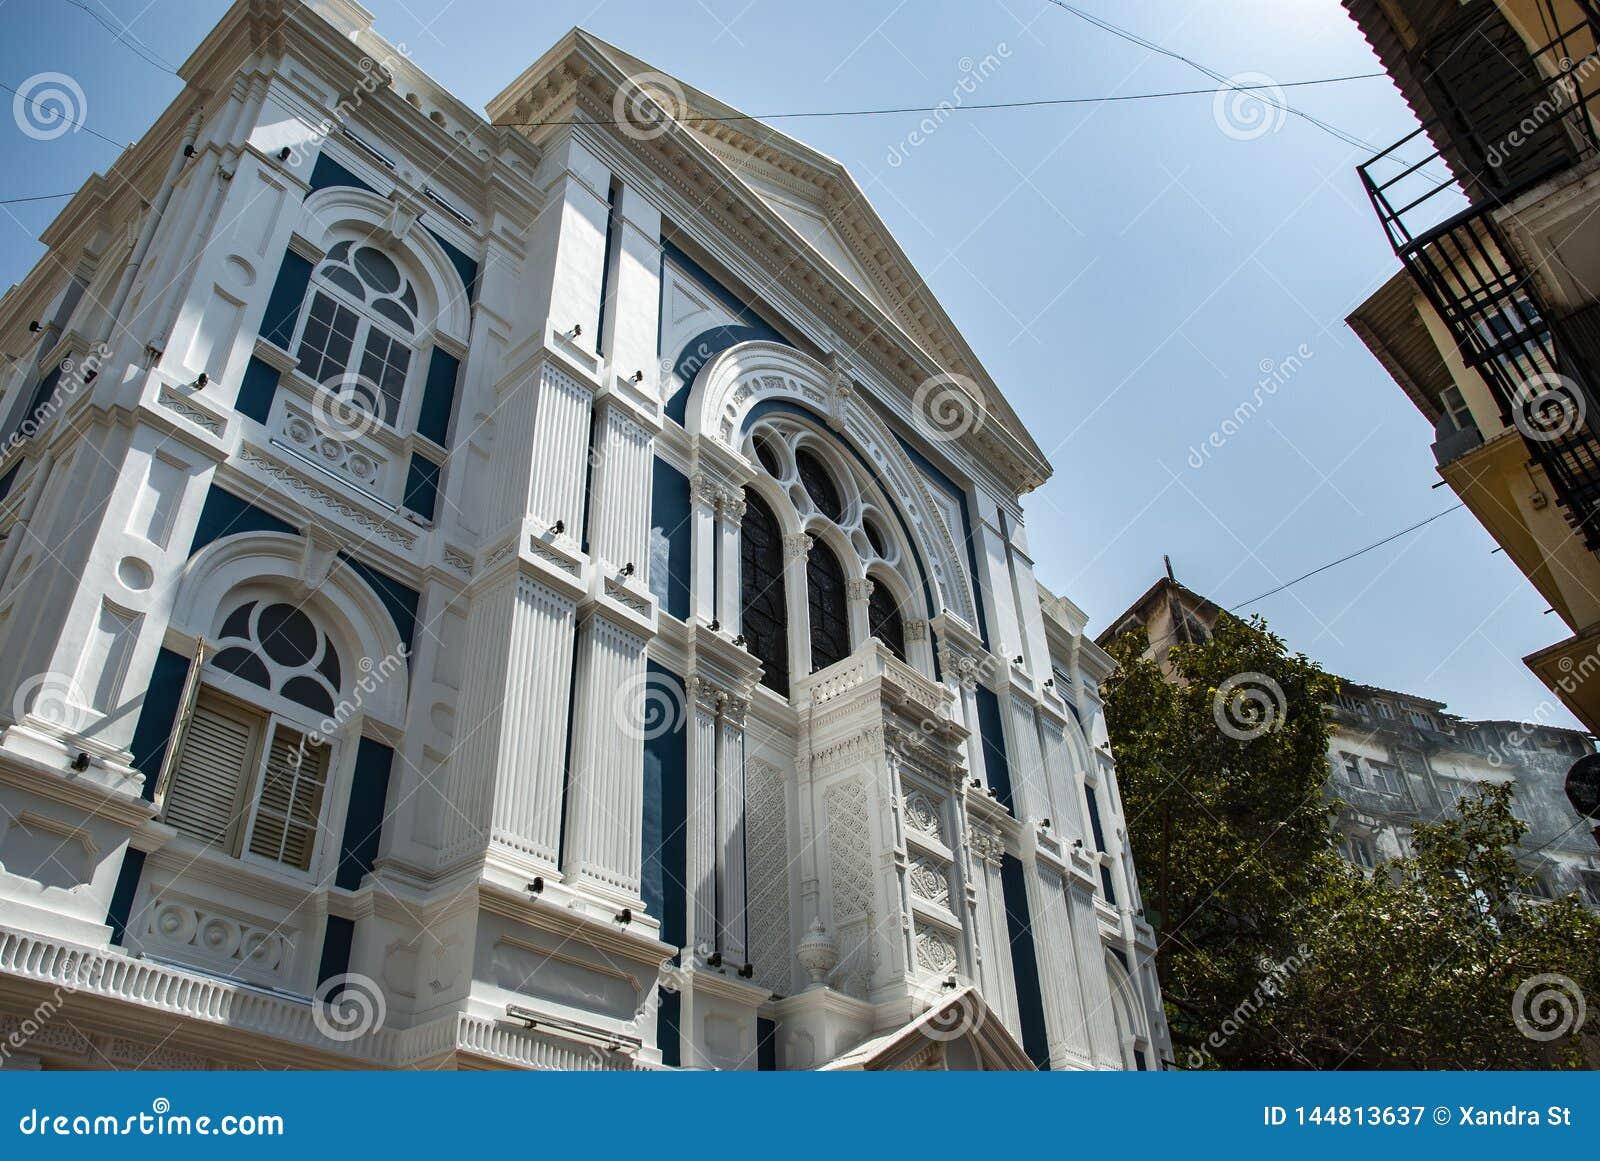 Εβραϊκή συναγωγή σε Mumbai στην Ινδία